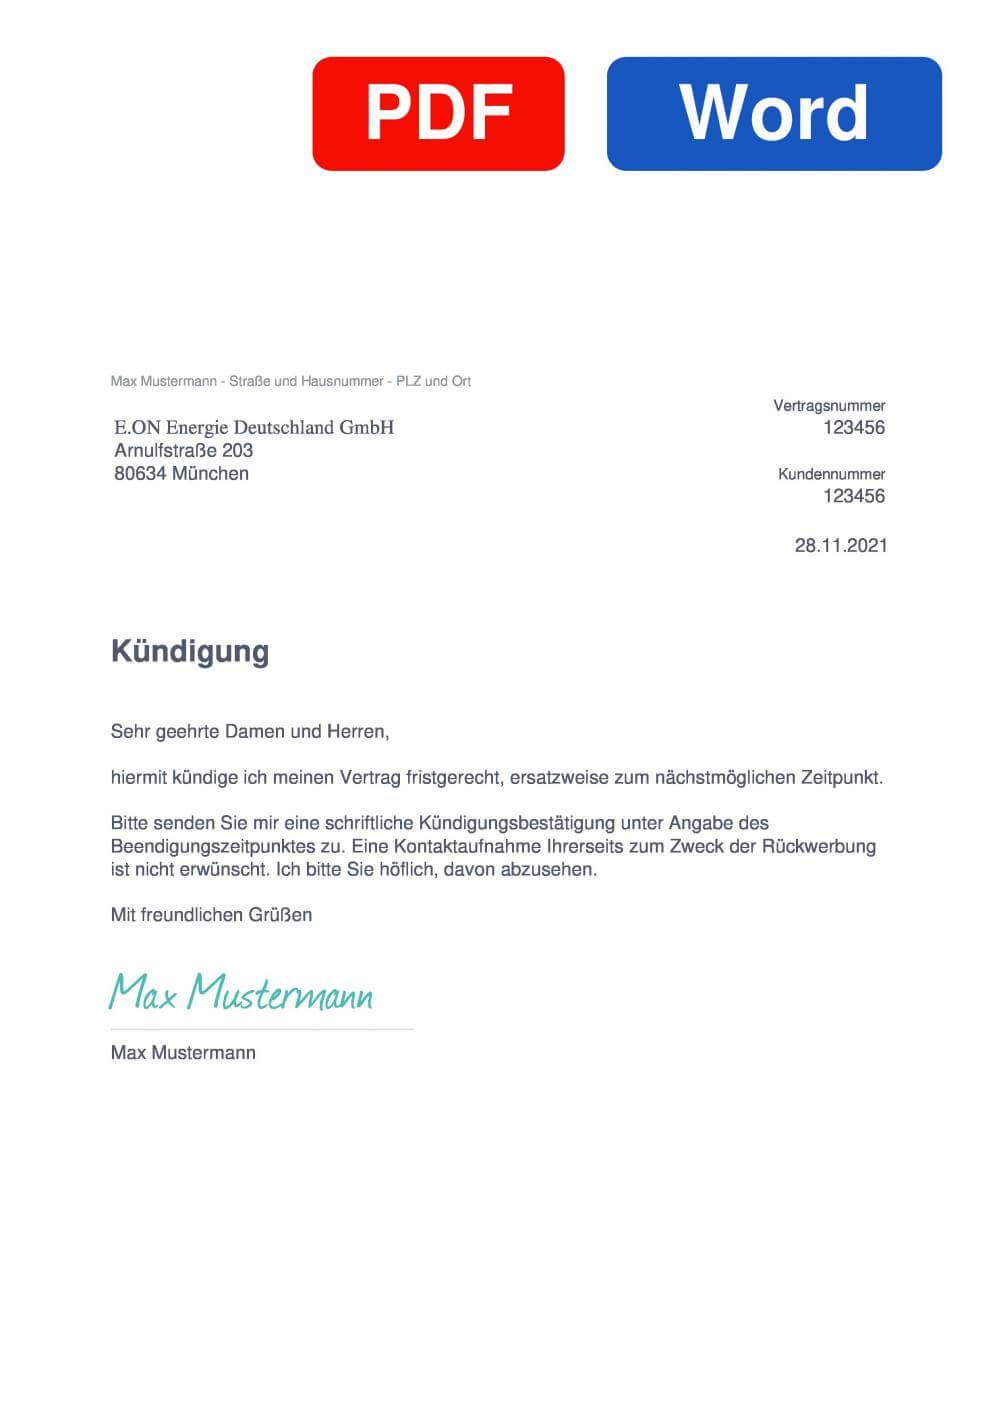 E.ON Gas Muster Vorlage für Kündigungsschreiben